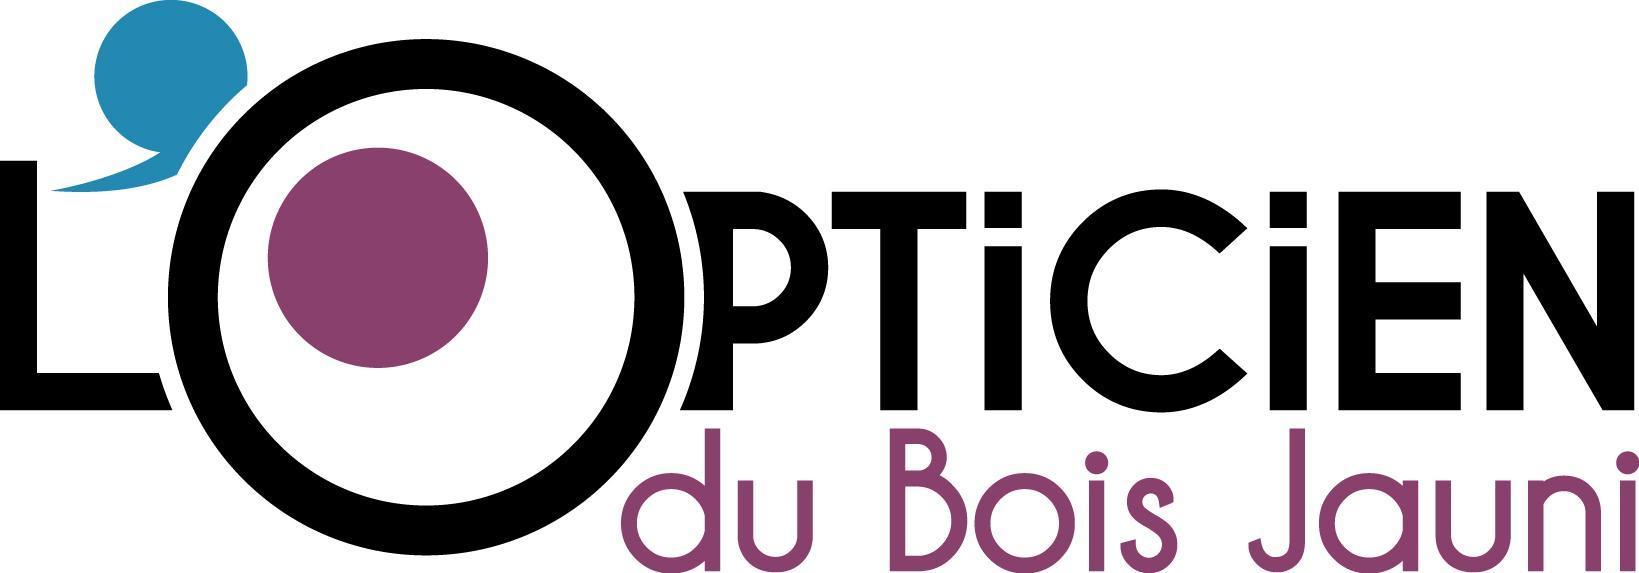 L'Opticien du Bois Jauni